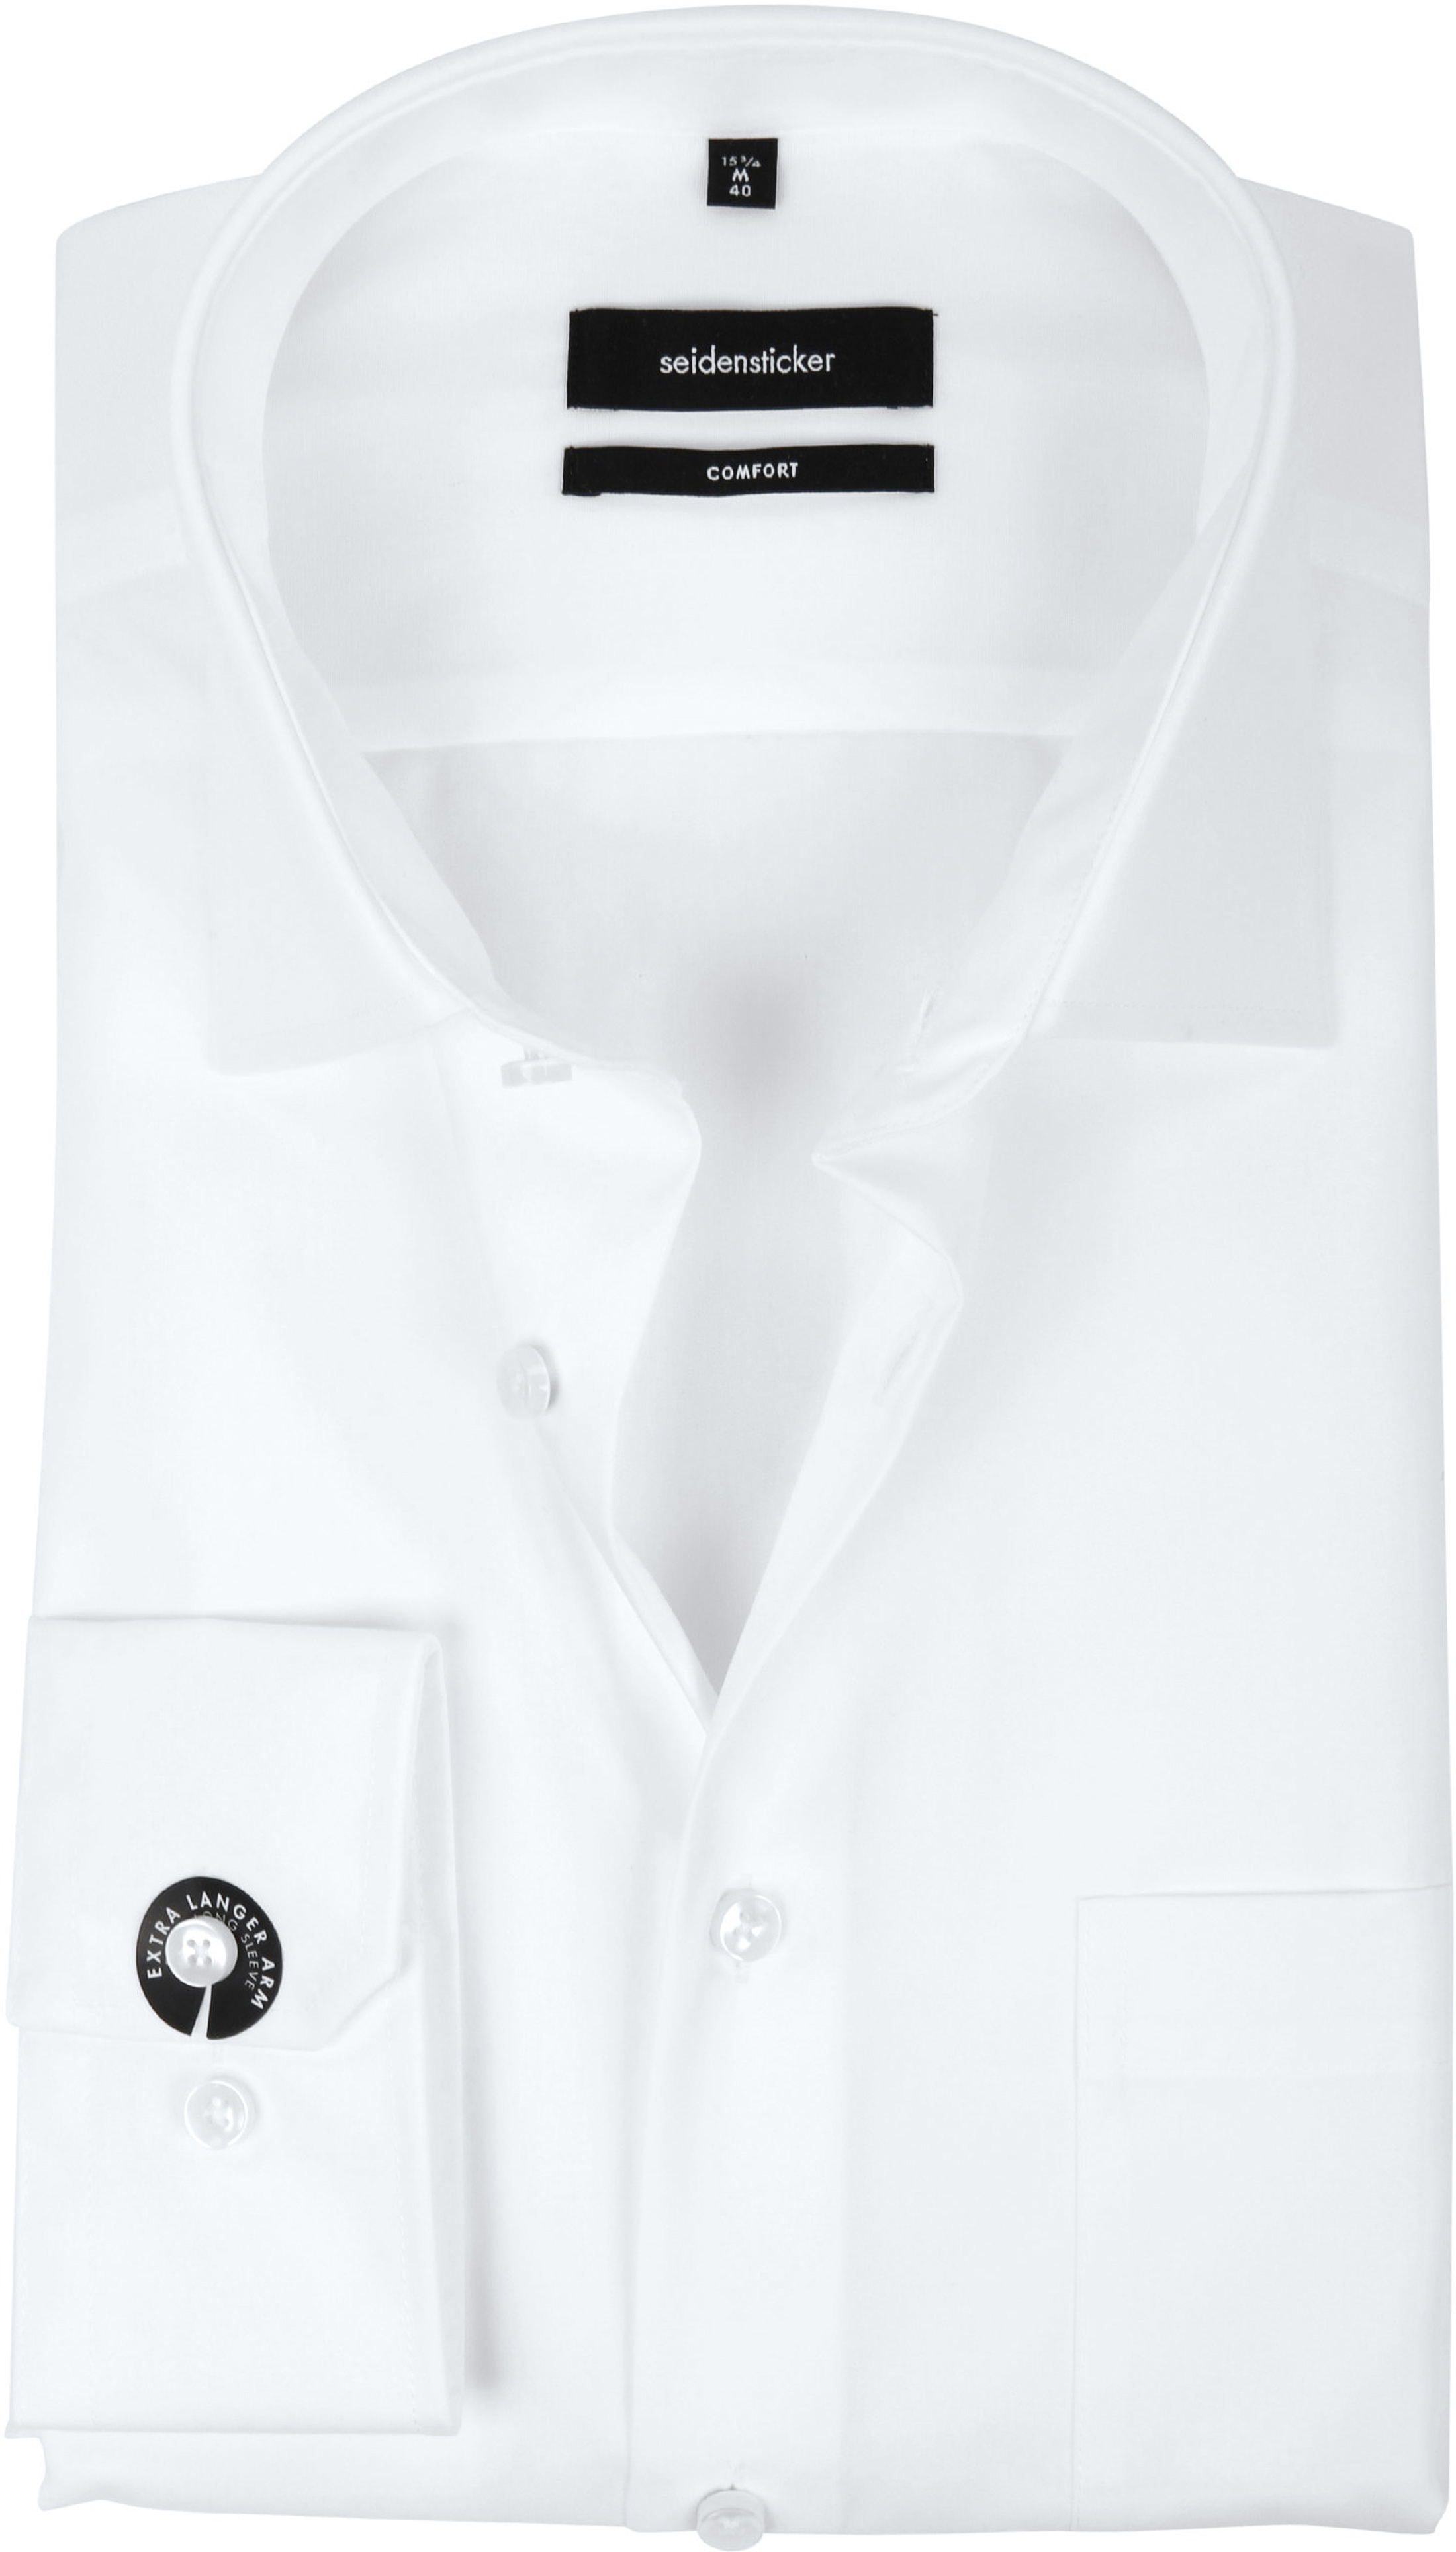 Seidensticker Non Iron Comfort-Fit White S7 foto 0